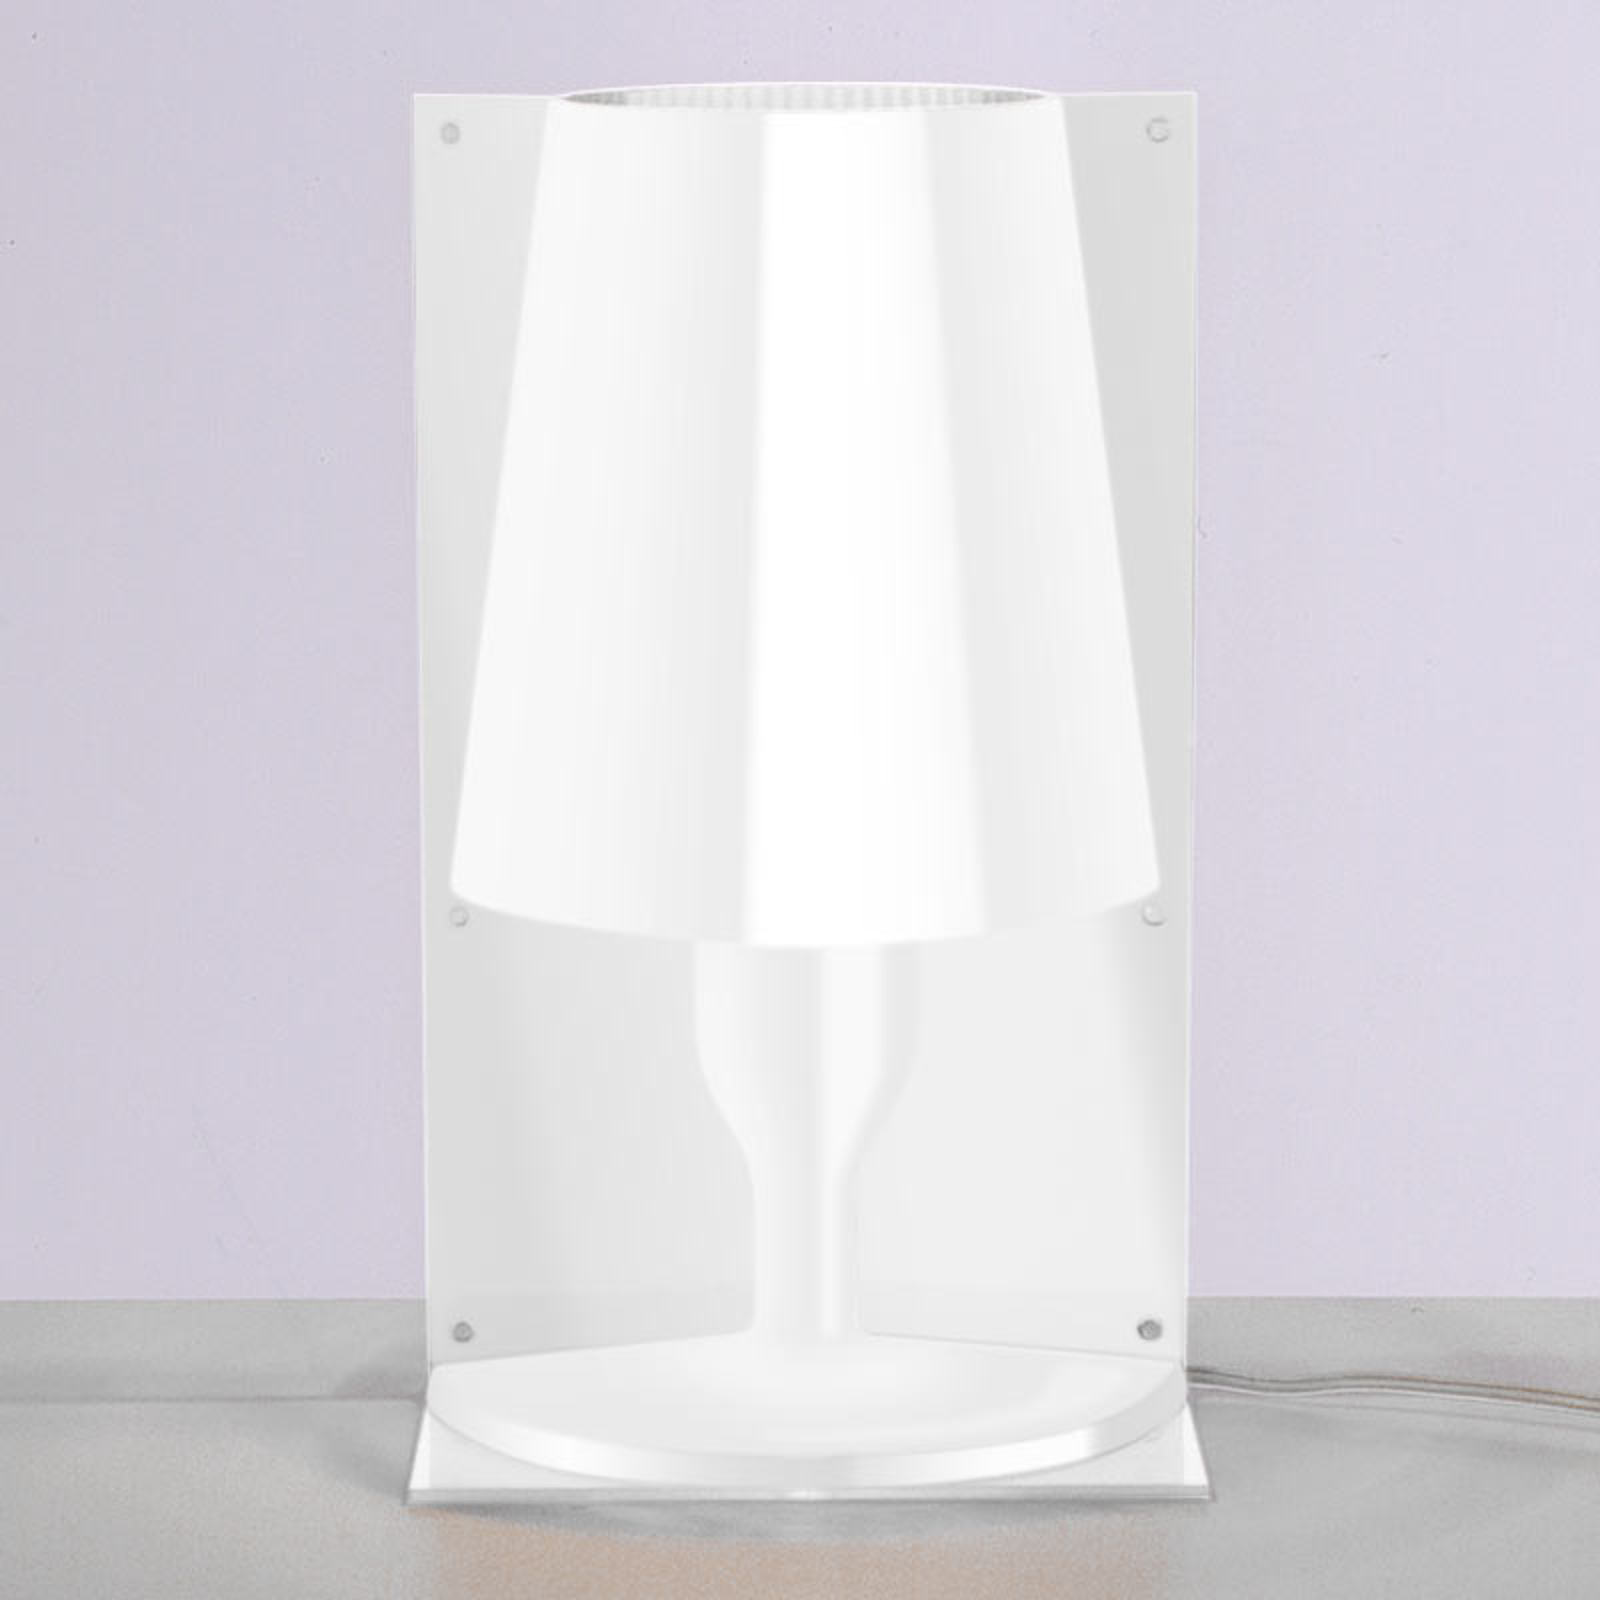 Kartell Take lampa stołowa, biała